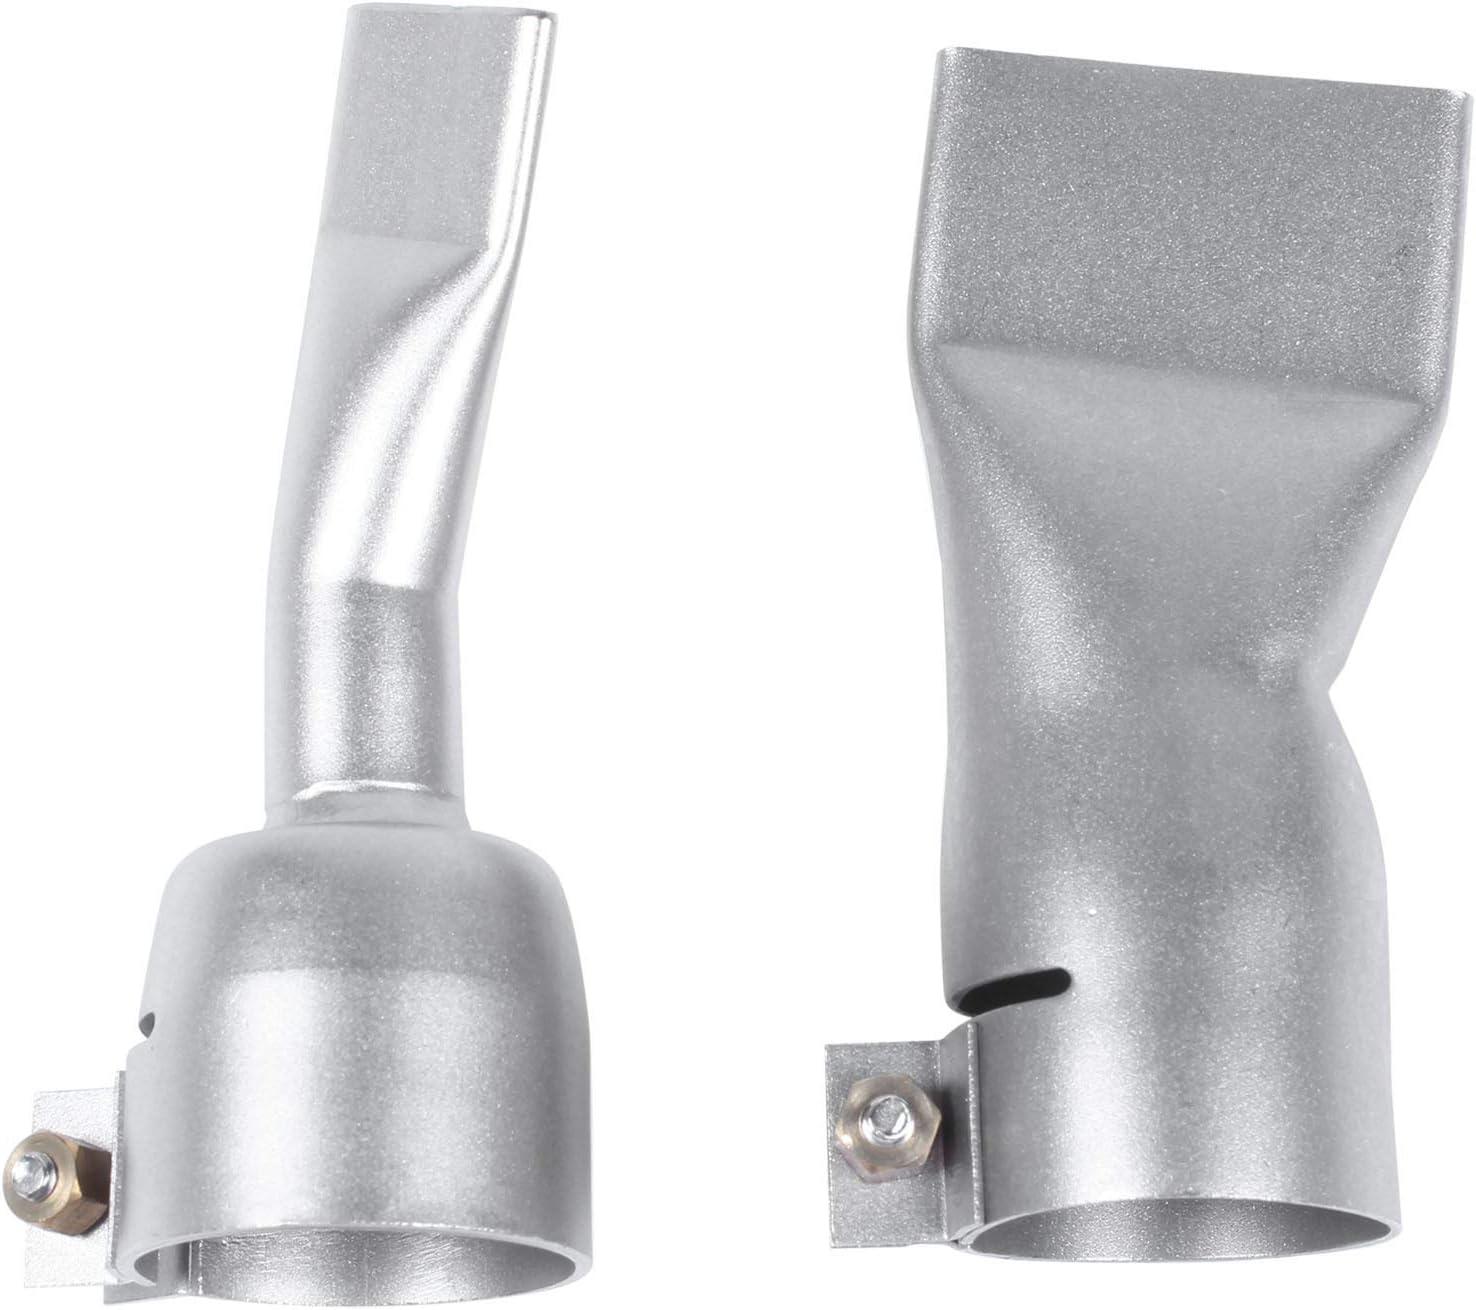 buse plate 40 mm pour souder /à air chaud portable Camisin Buses plates de soudage 20 mm rouleaux de 40 mm